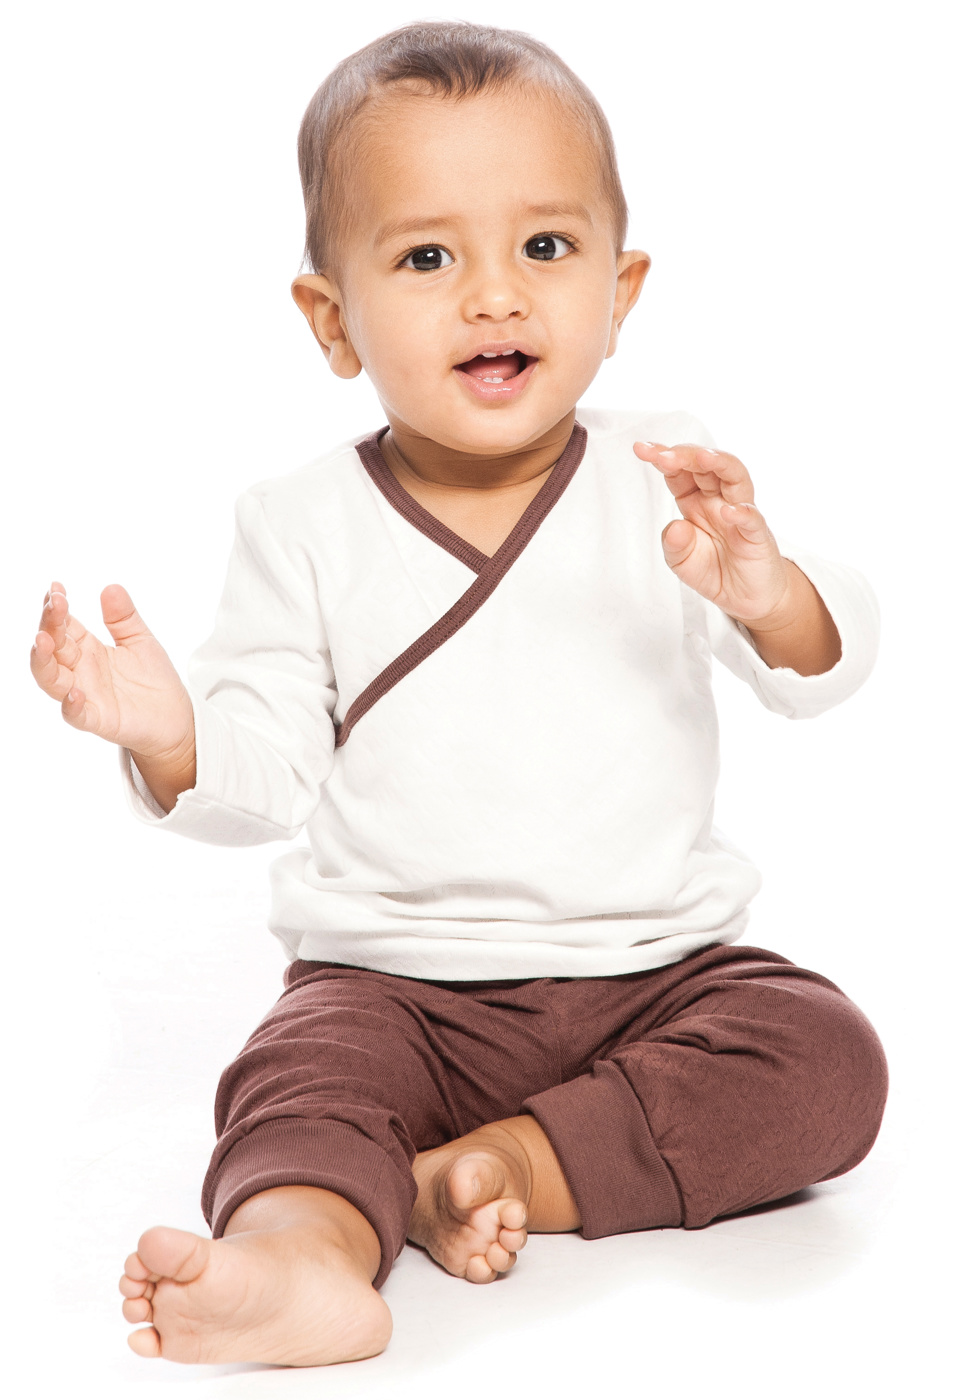 Omlott tröja barn